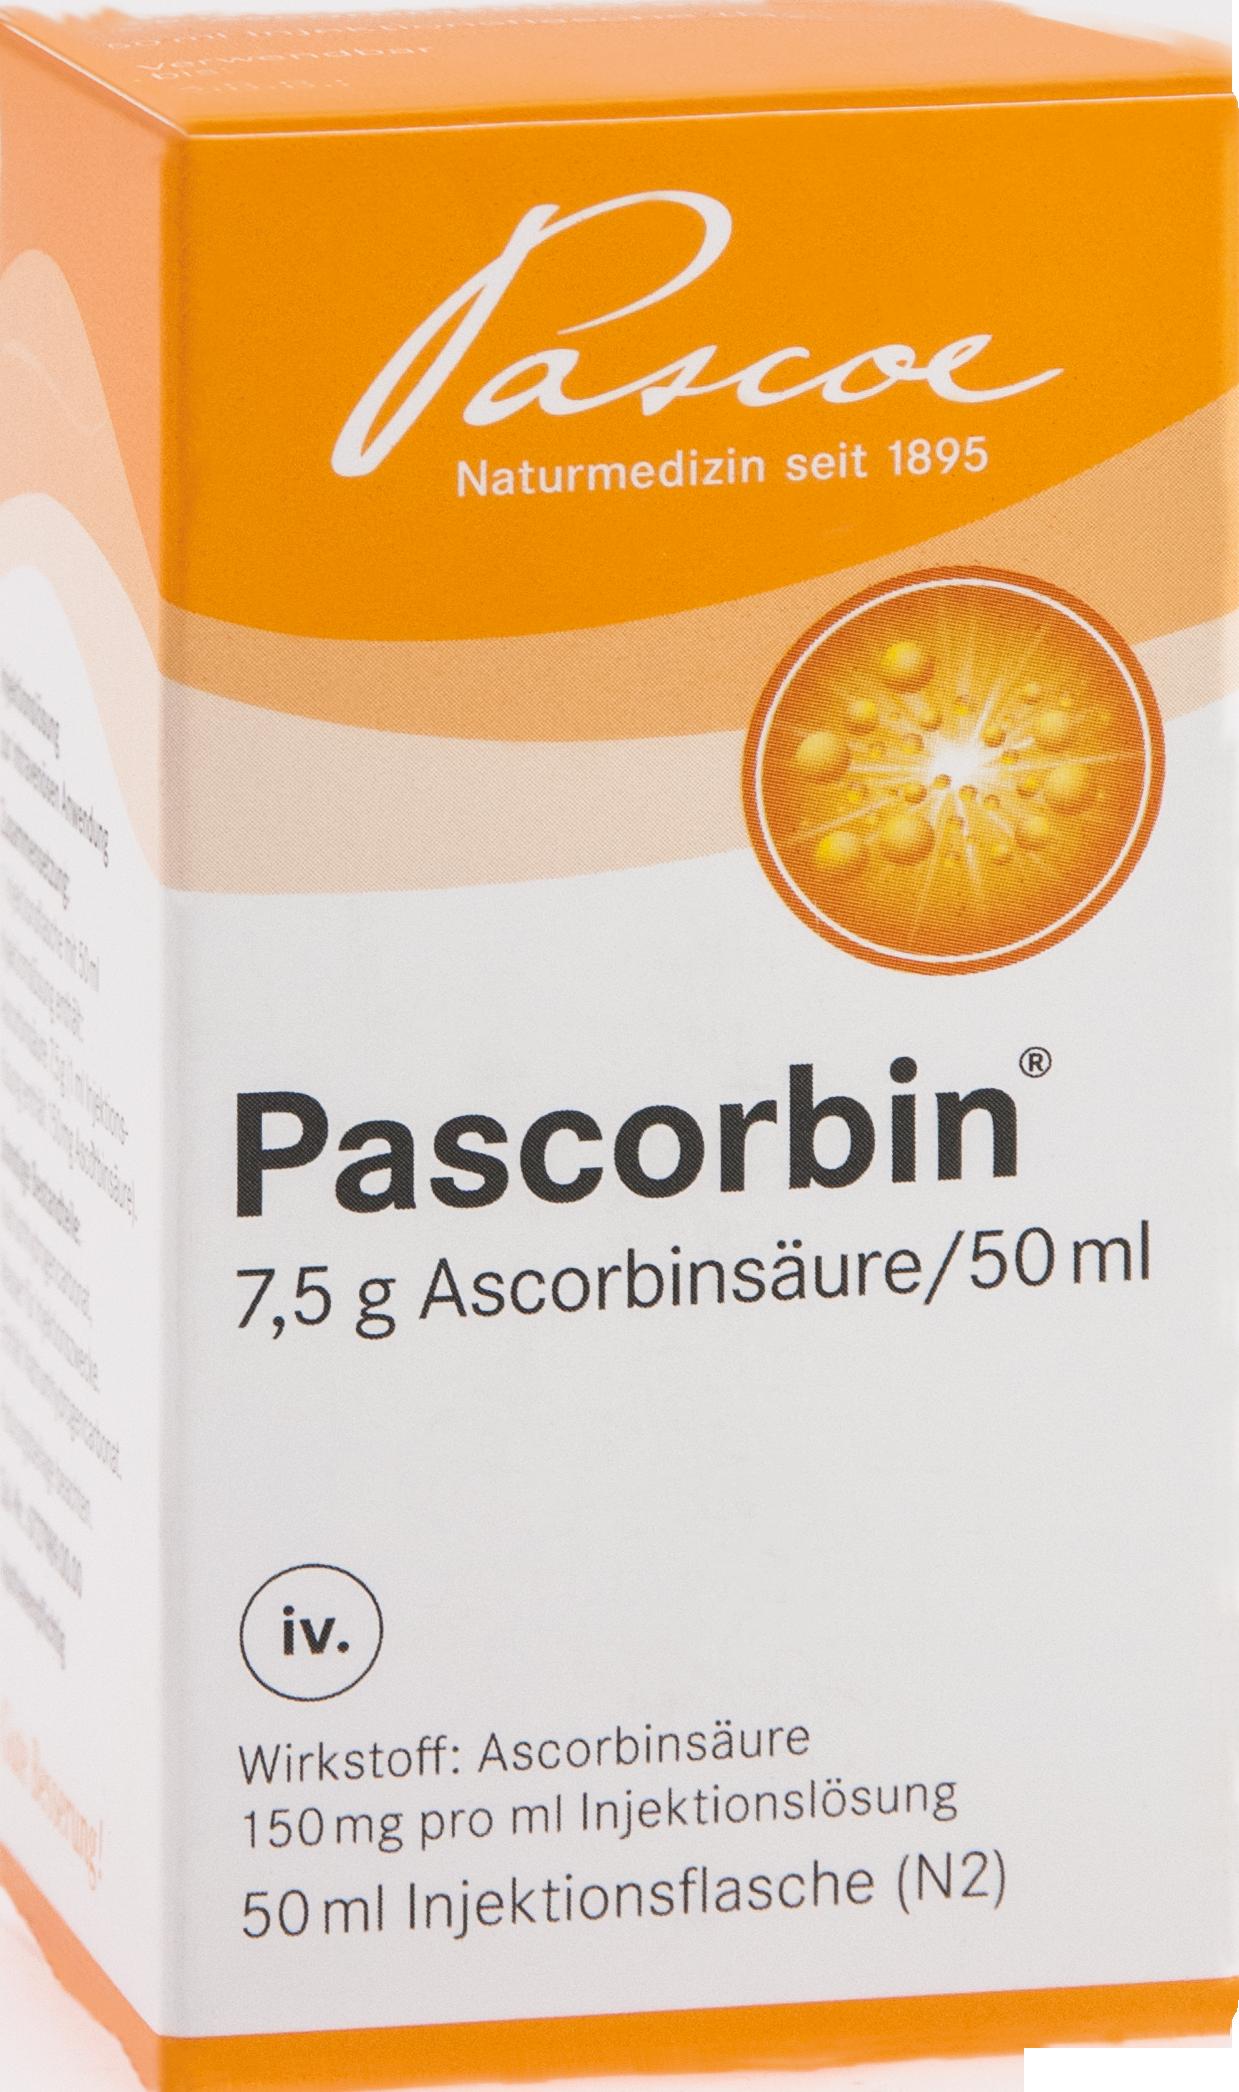 PASCORBIN (7.5g Ascorbinsäure/50ml)